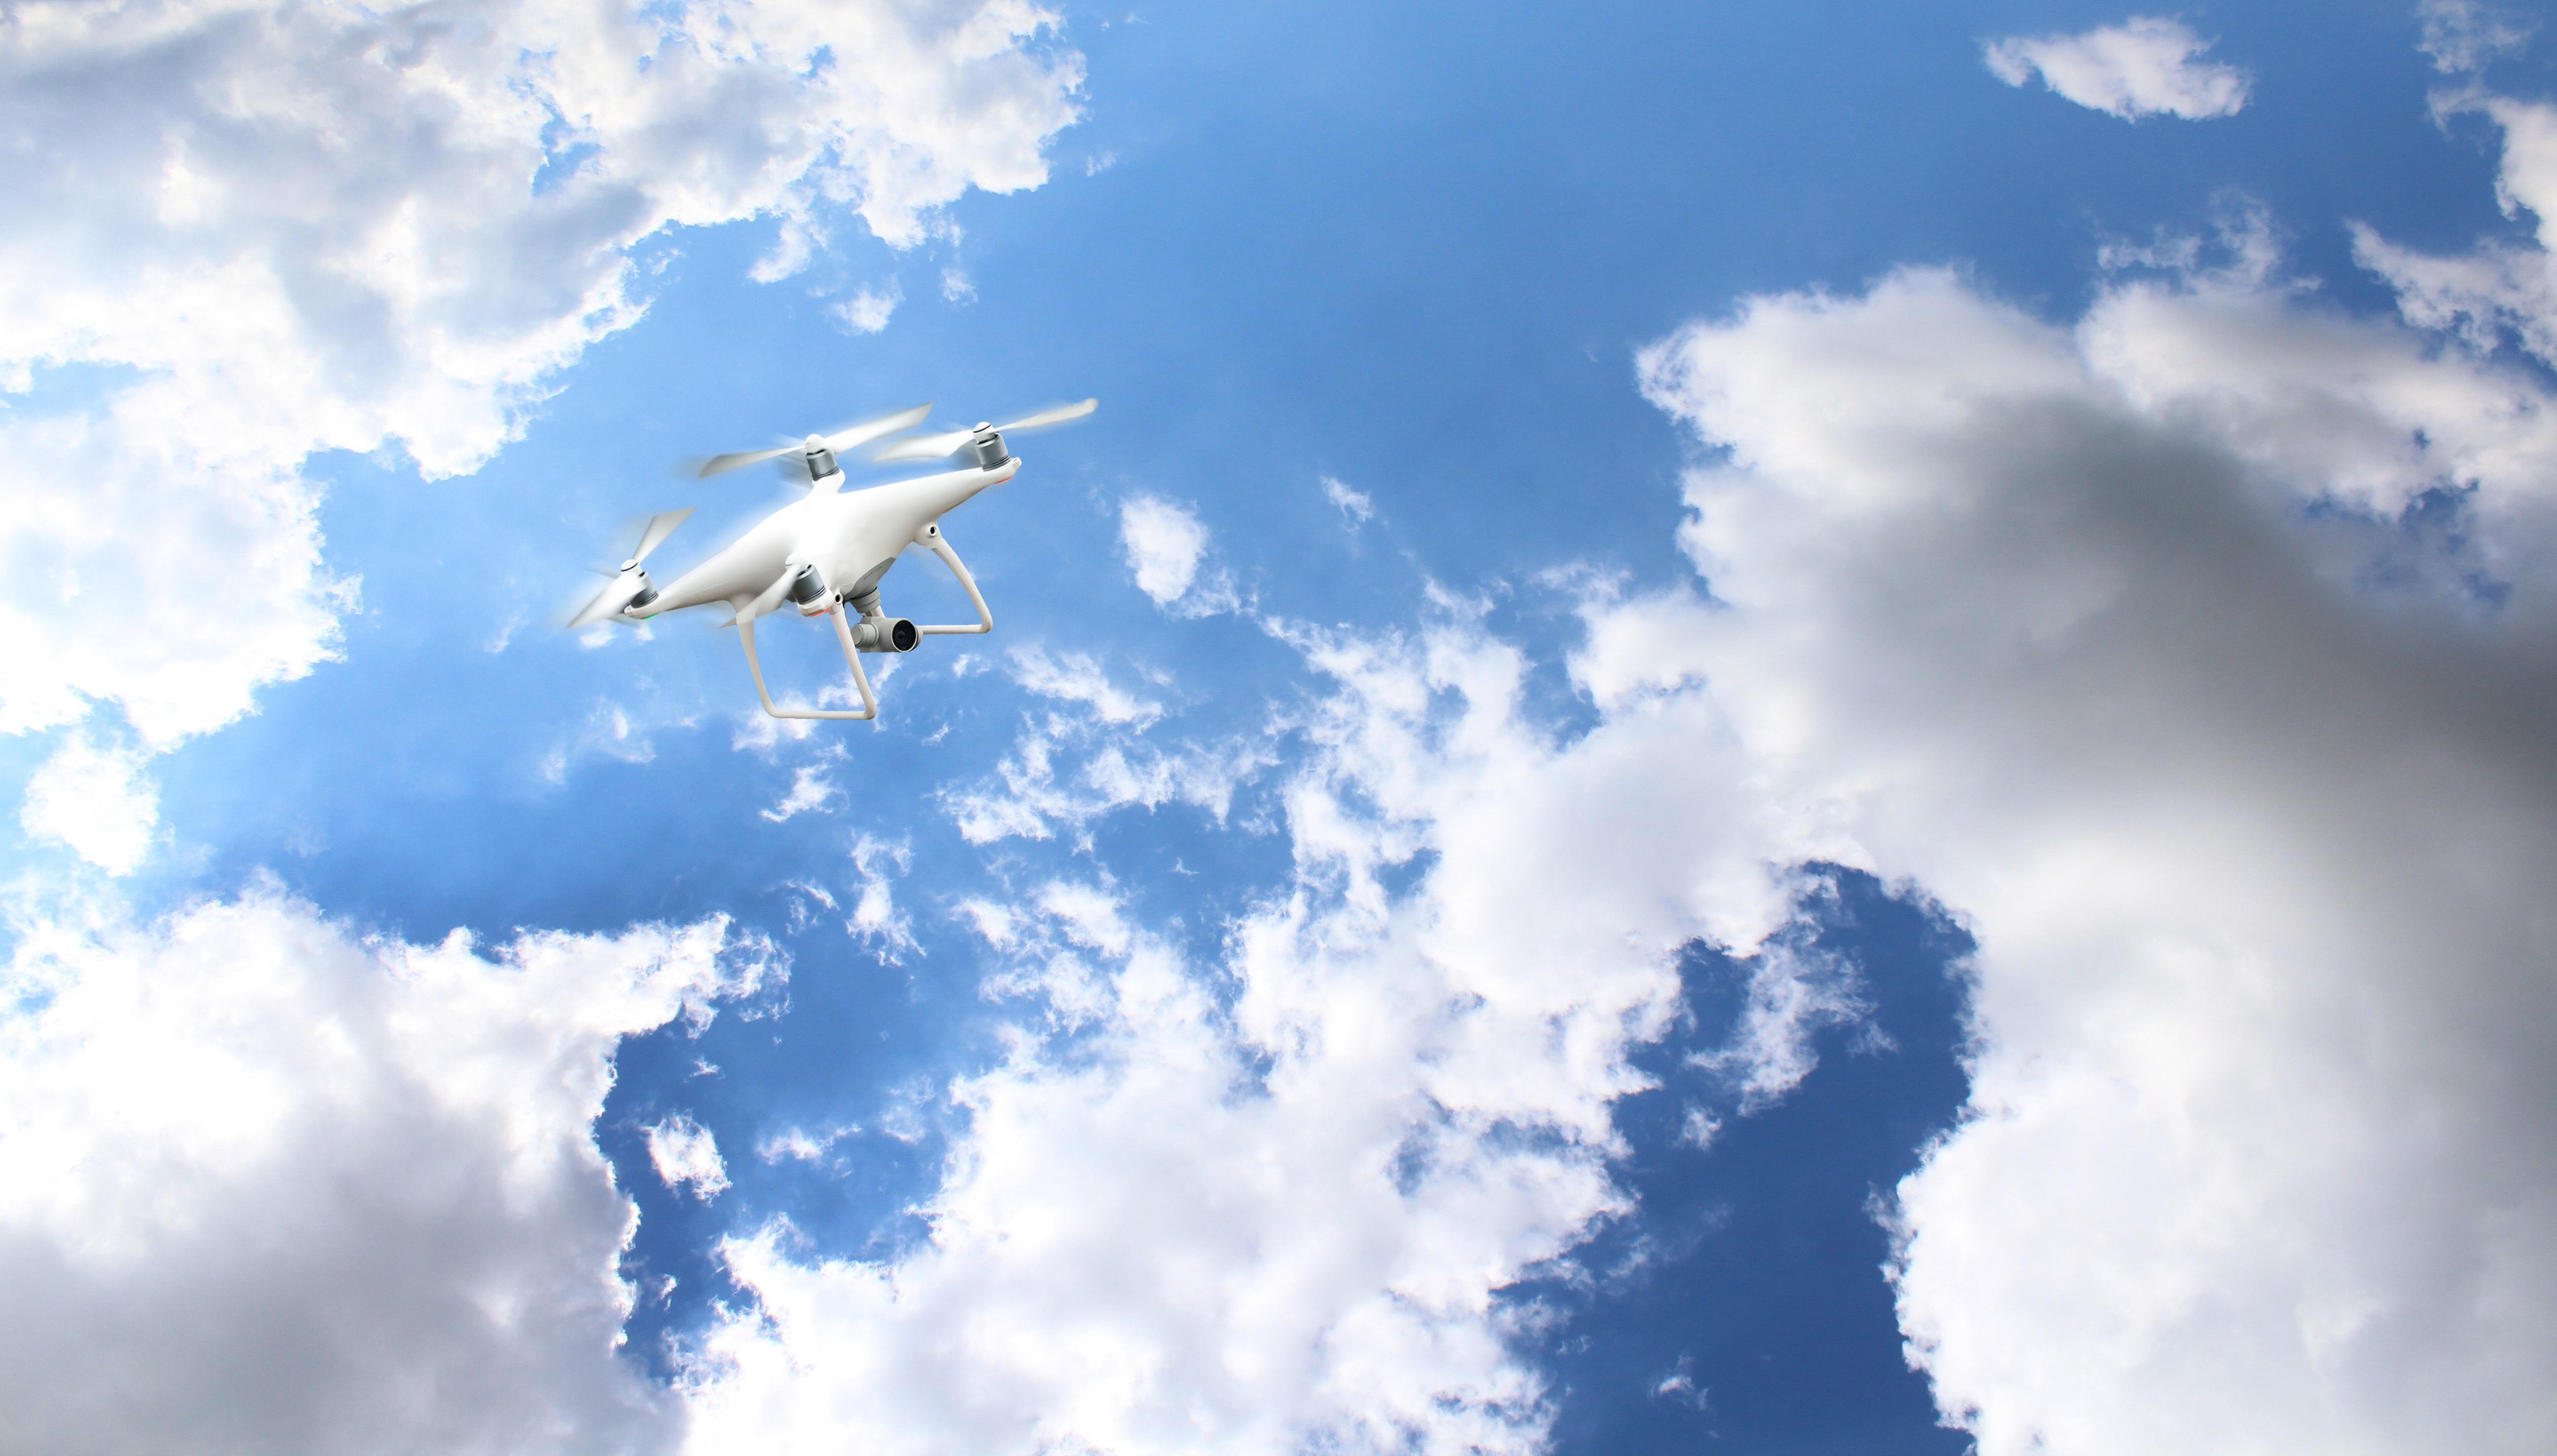 Gambar Burung Sayap Teknologi Kamera Sinar Matahari Suasana